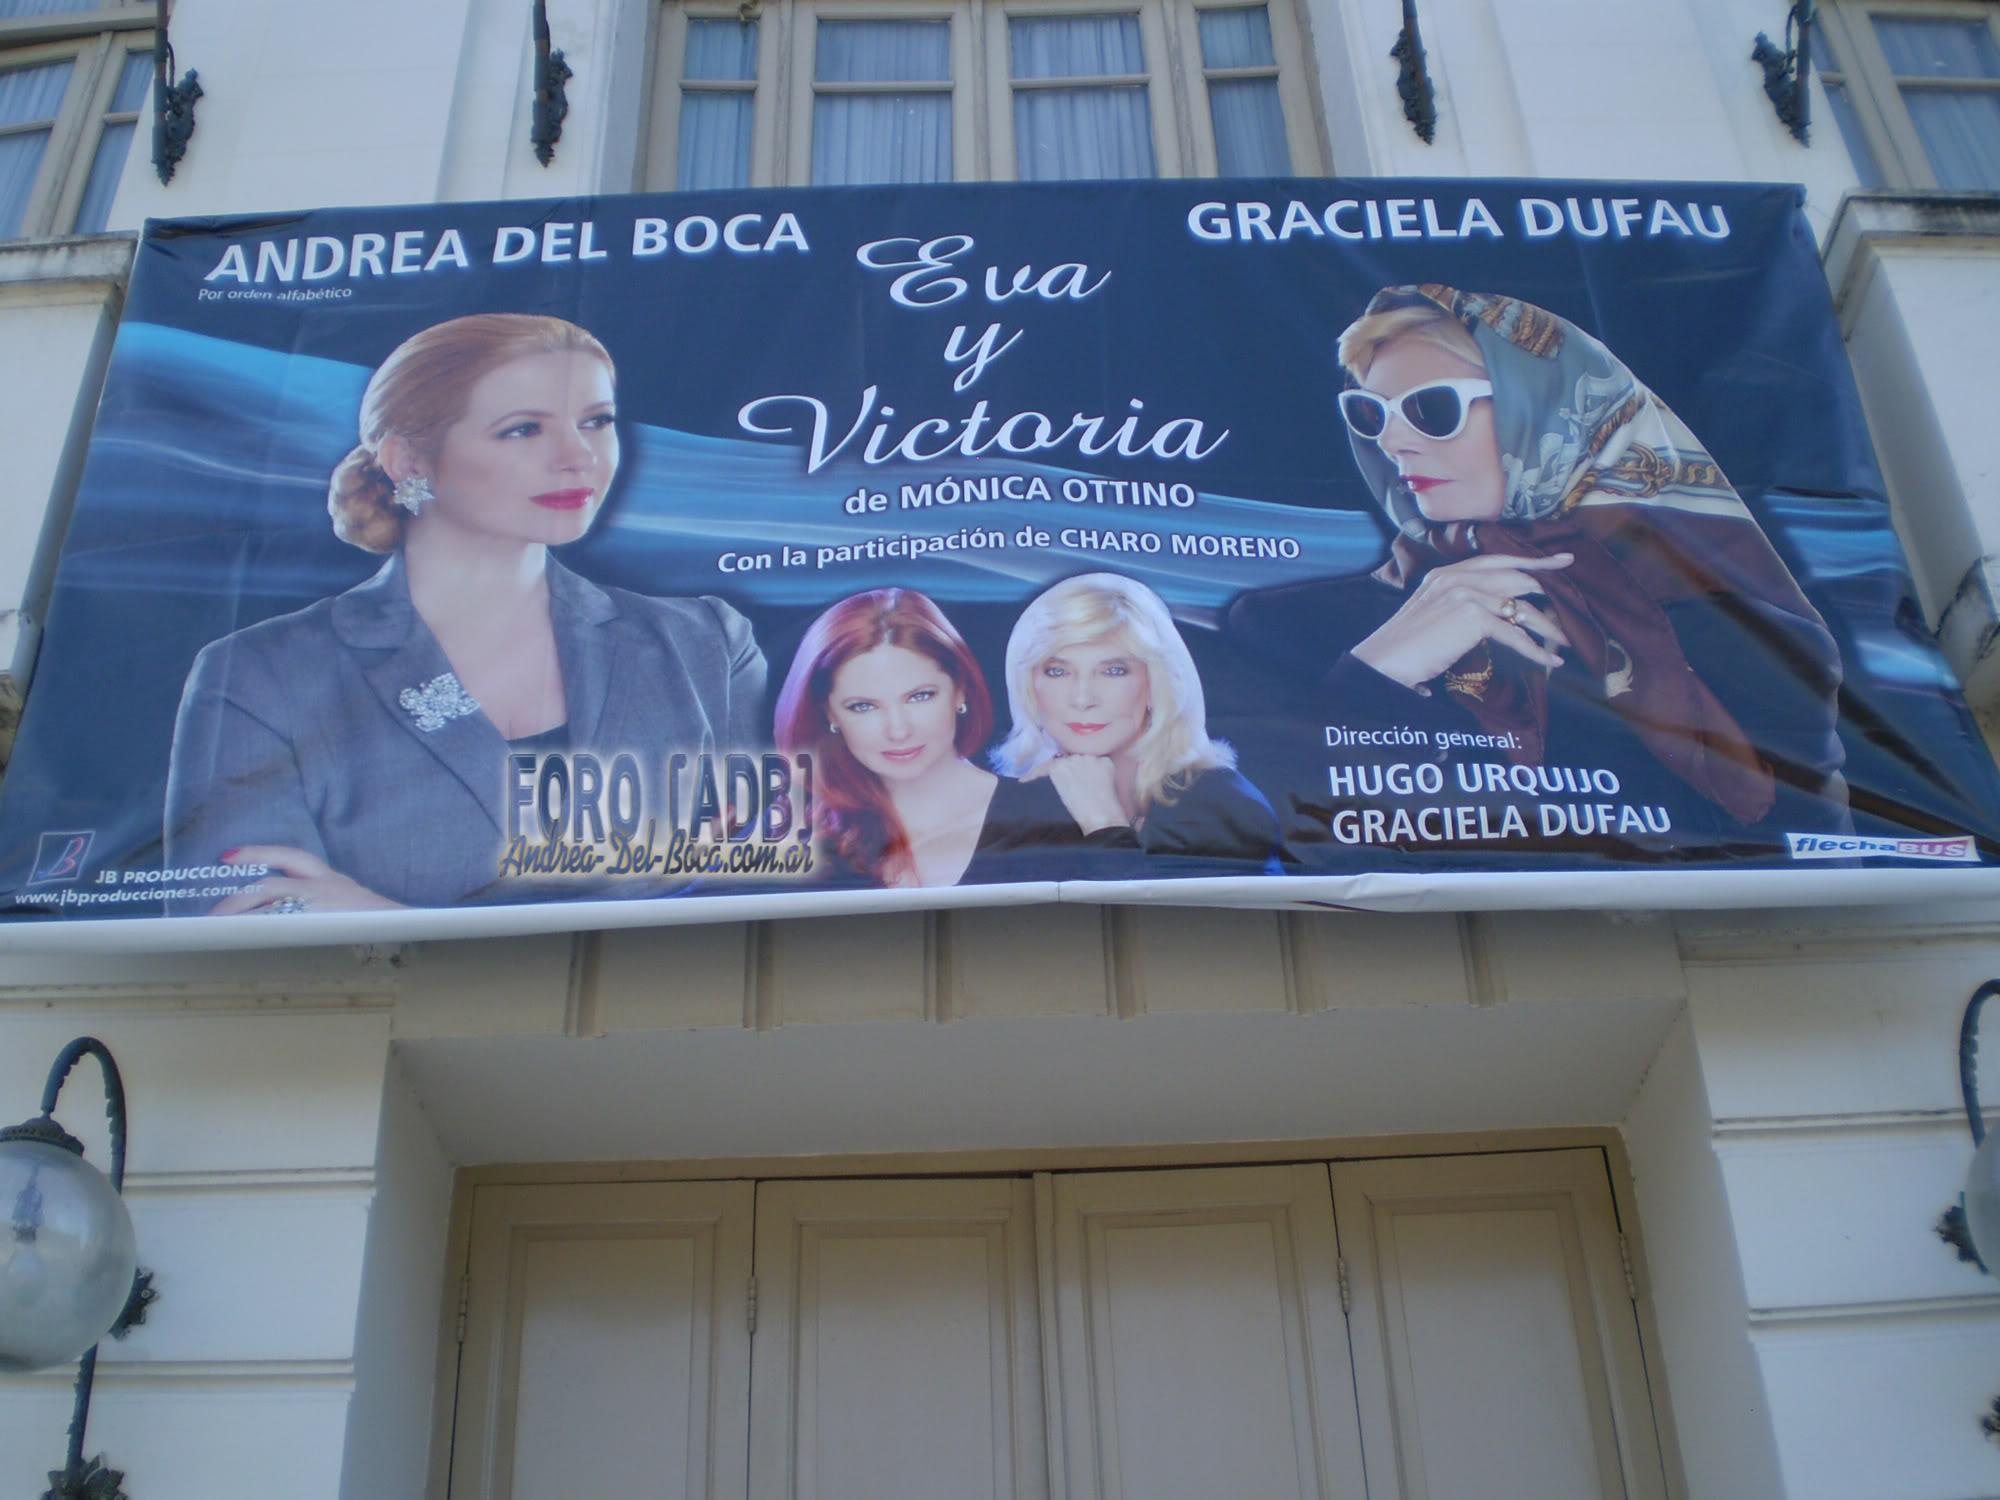 [Эва и Виктория] Андреа и театр (03/05/11)  - Página 2 003